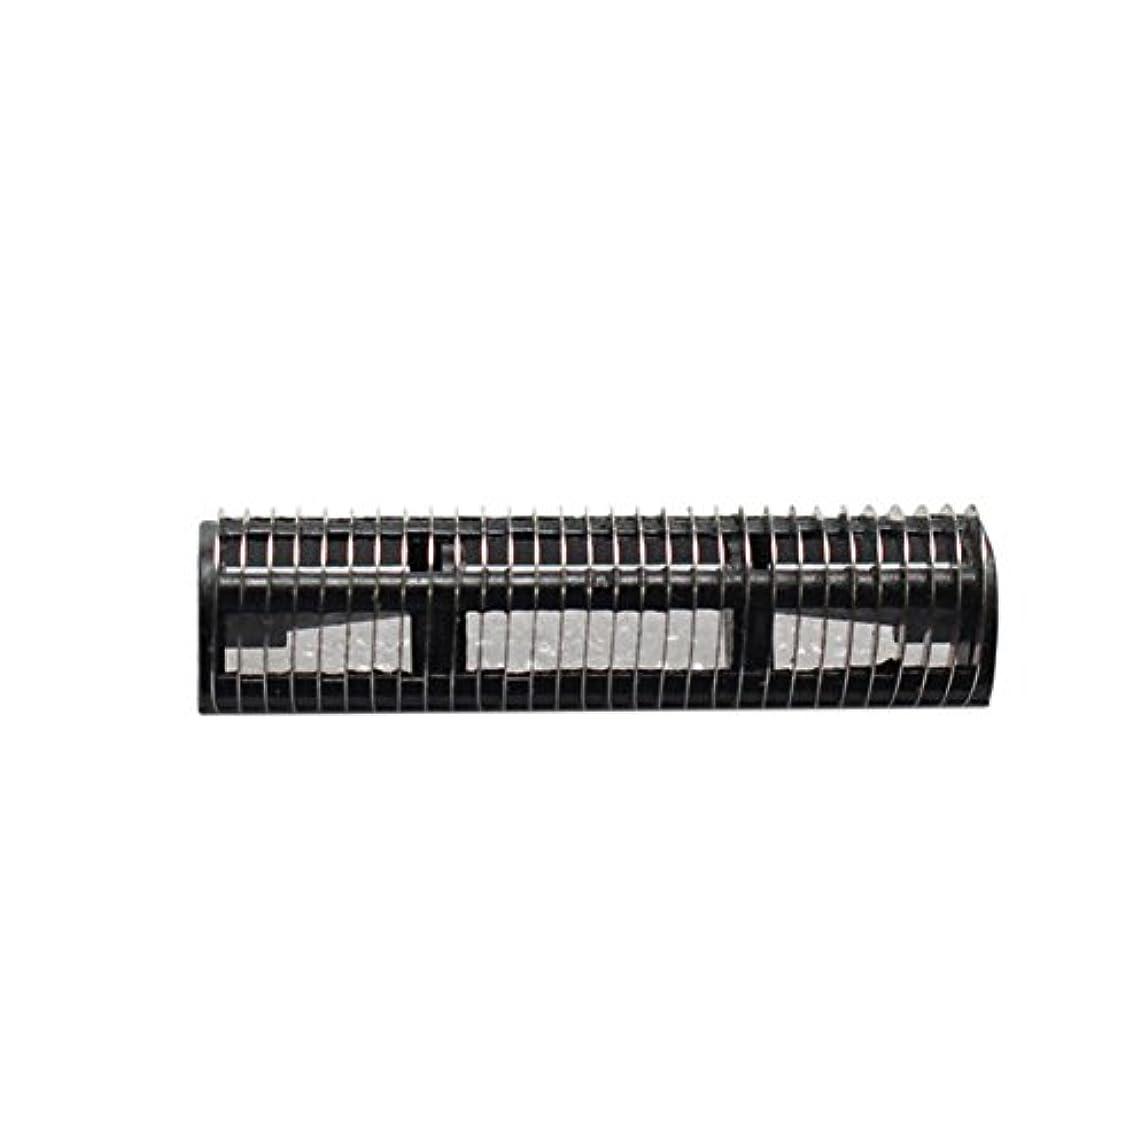 思い出す極めてディベートHZjundasi Replacement シェーバー 刃 for Braun 5S/614/3000 Model BS575 3610 P10 555